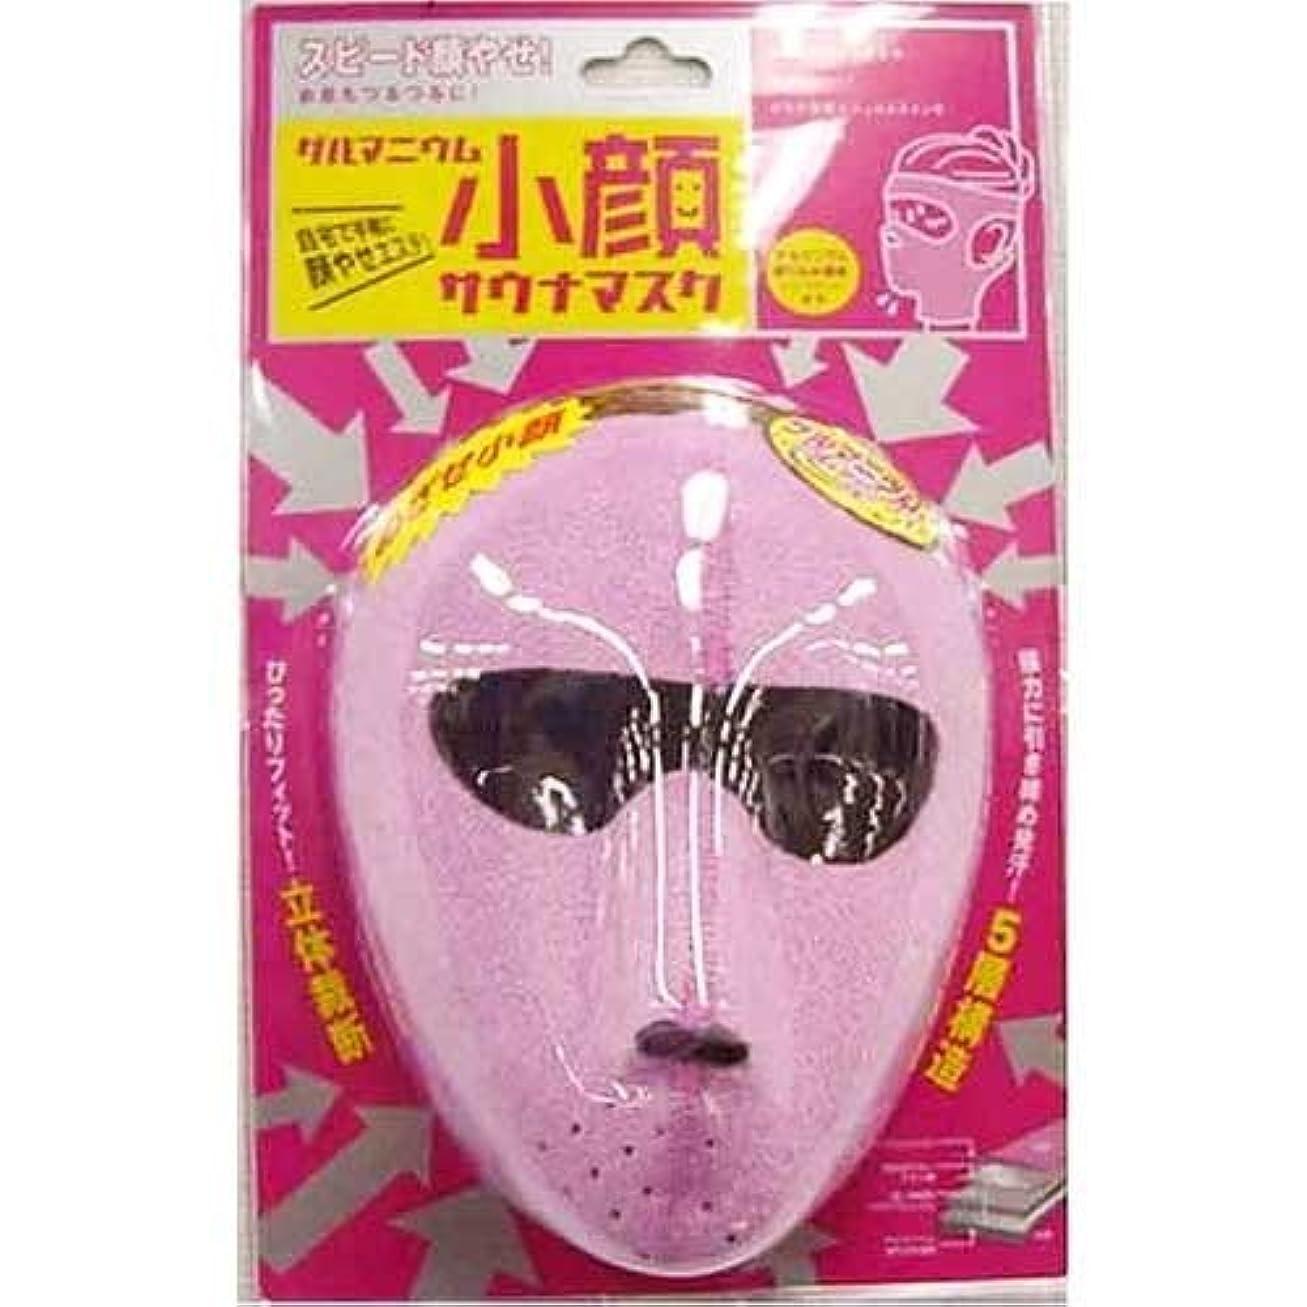 不規則な遅滞僕のコジット ゲルマニウム小顔サウナマスク ピンク